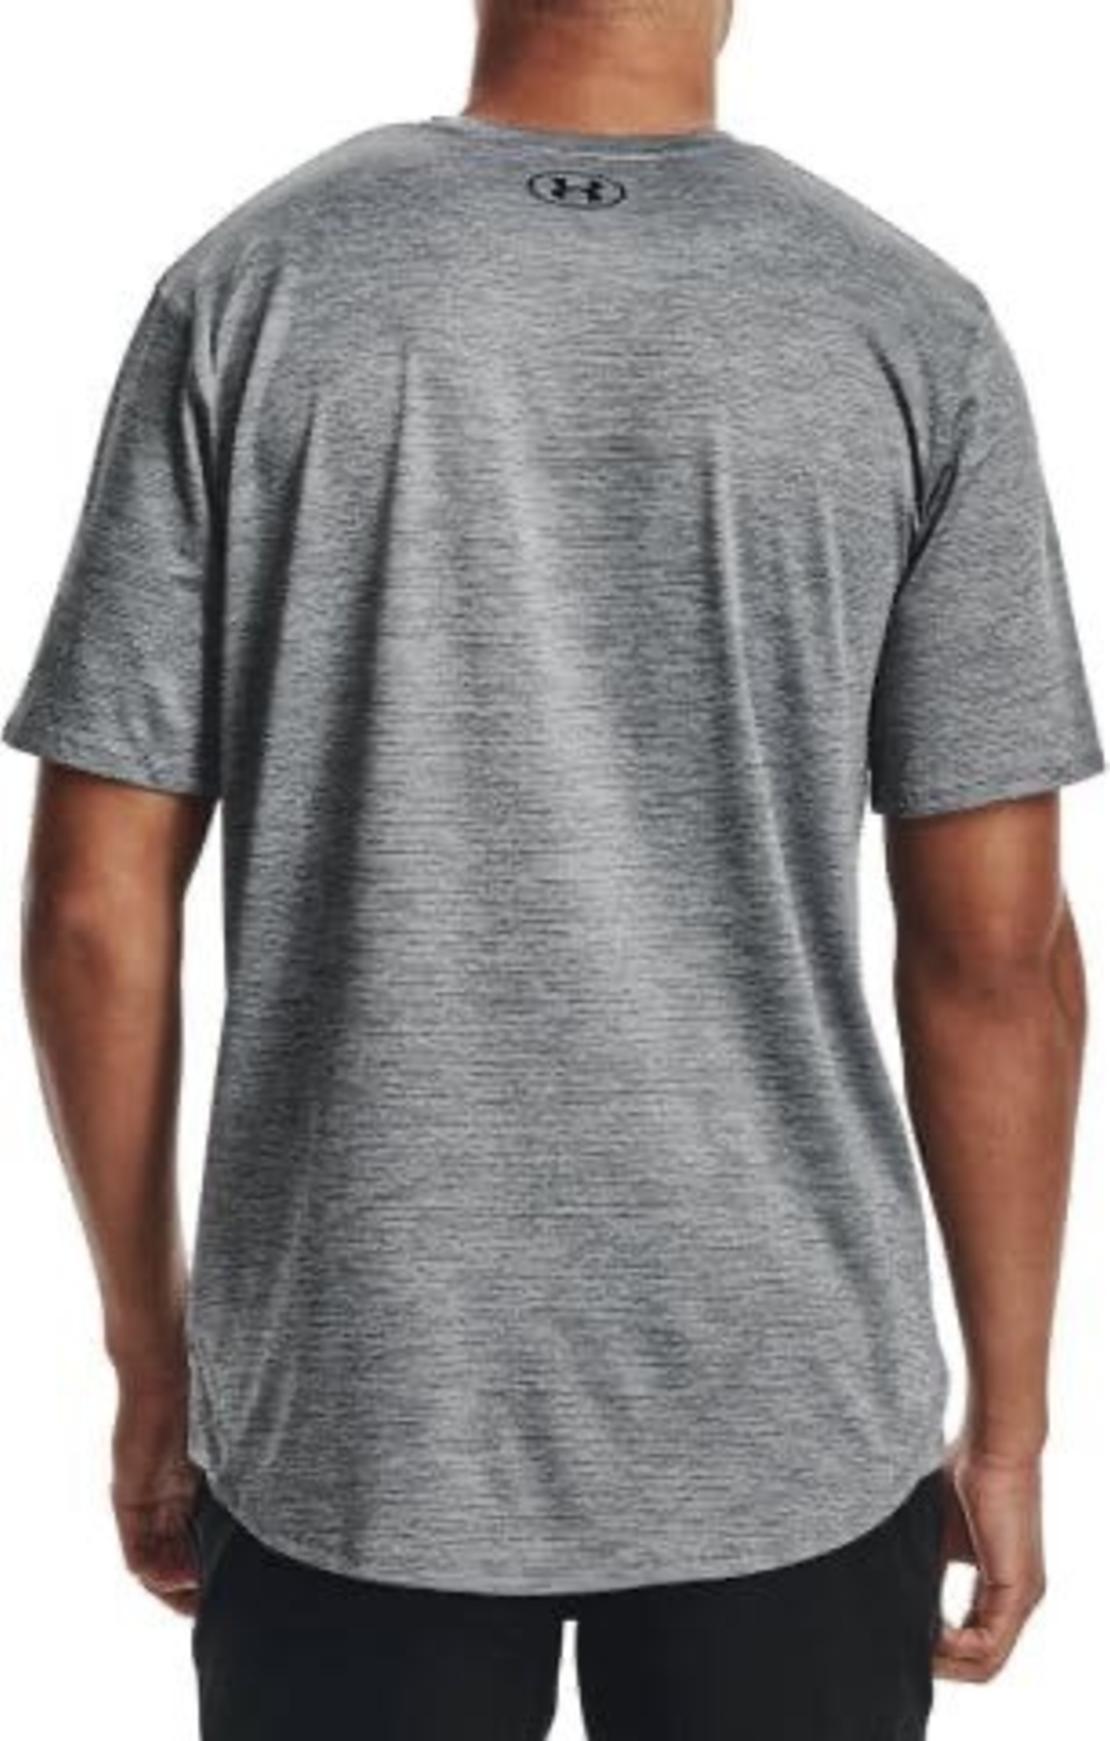 חולצת אנדר ארמור גברים   Under Armour Training Vent 2.0 SS